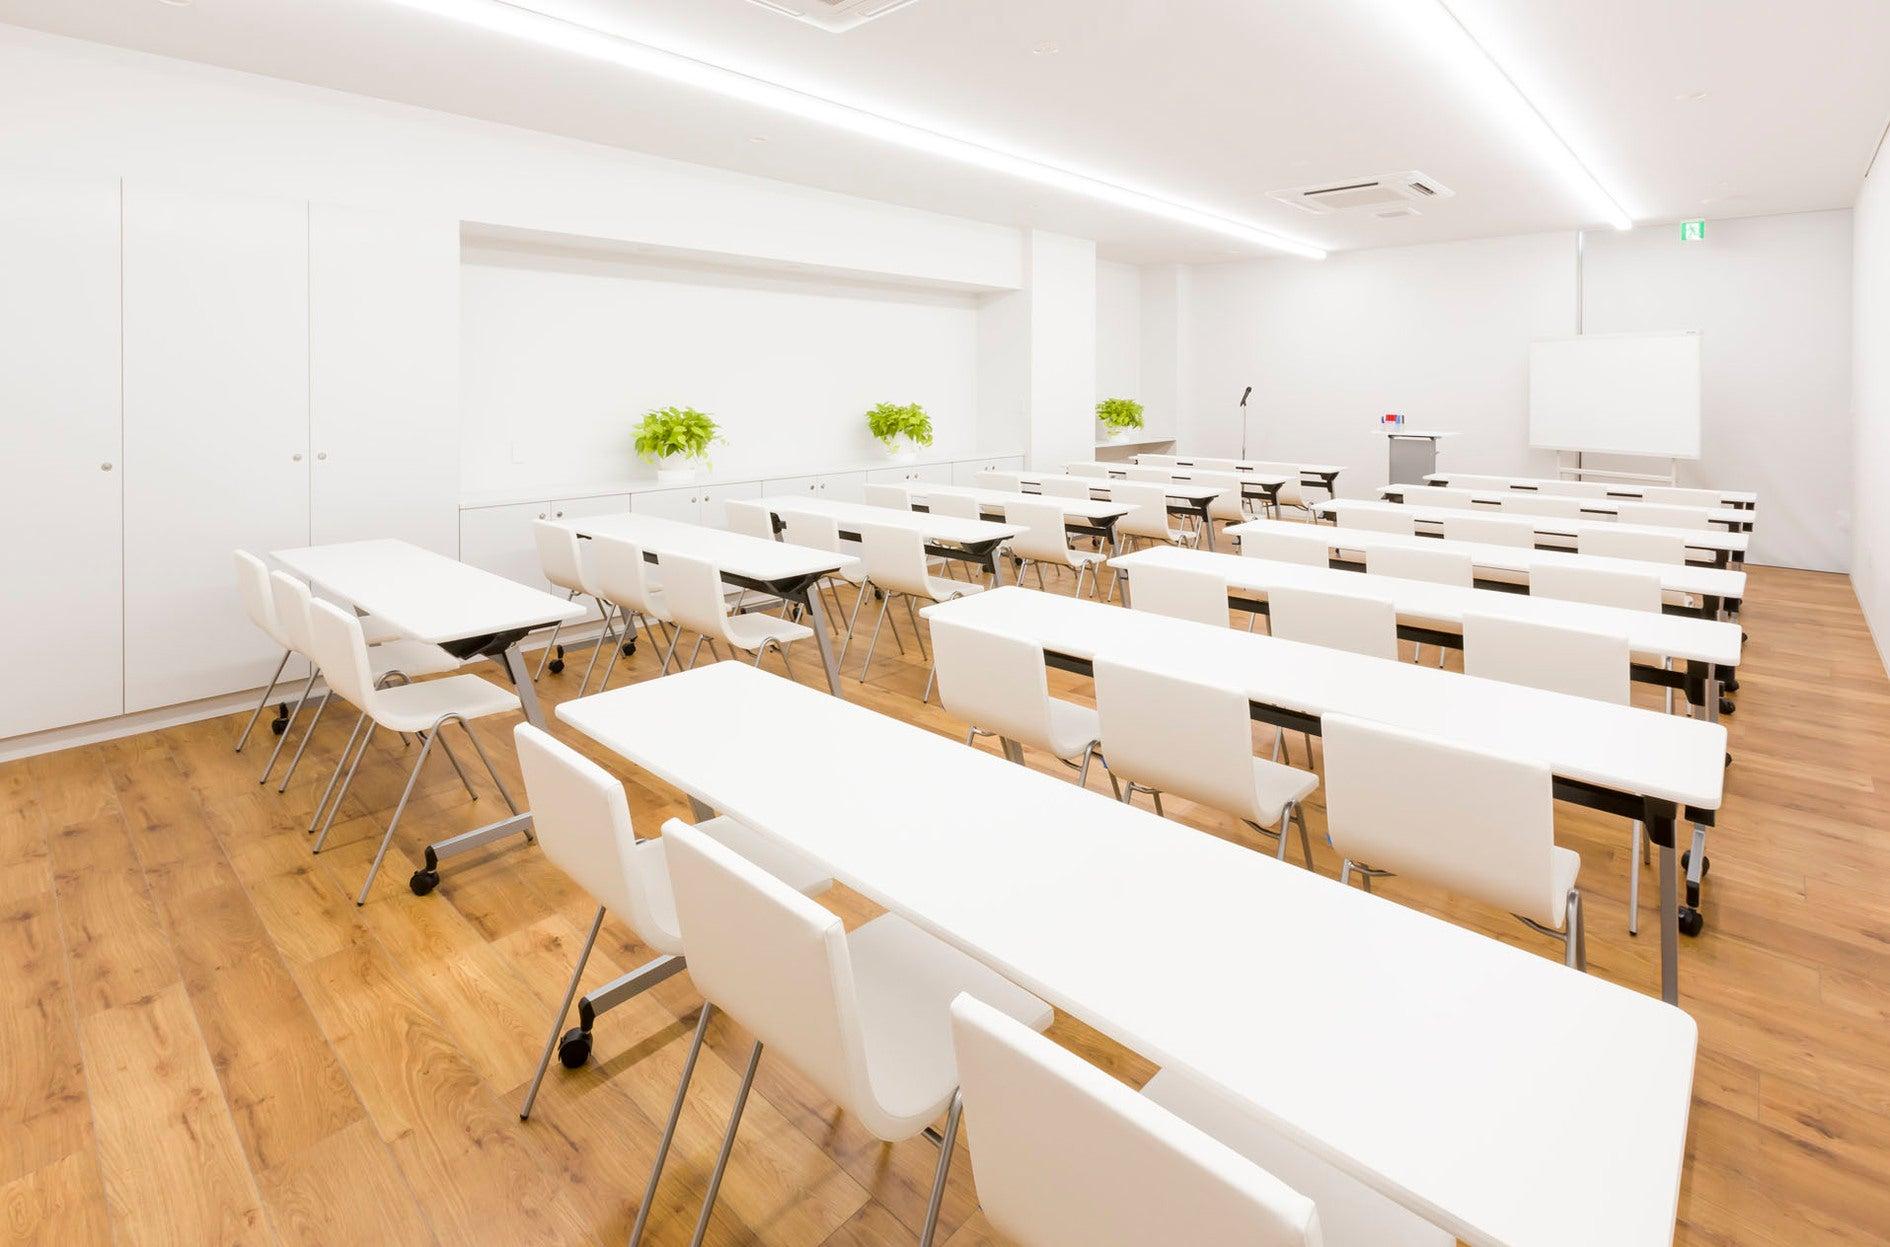 ホテル1階  【朝霧の間】明るく静かな会議室(静岡県富士市ホテル。コンビニ・レストラン・大駐車場(120台)あり。) の写真0